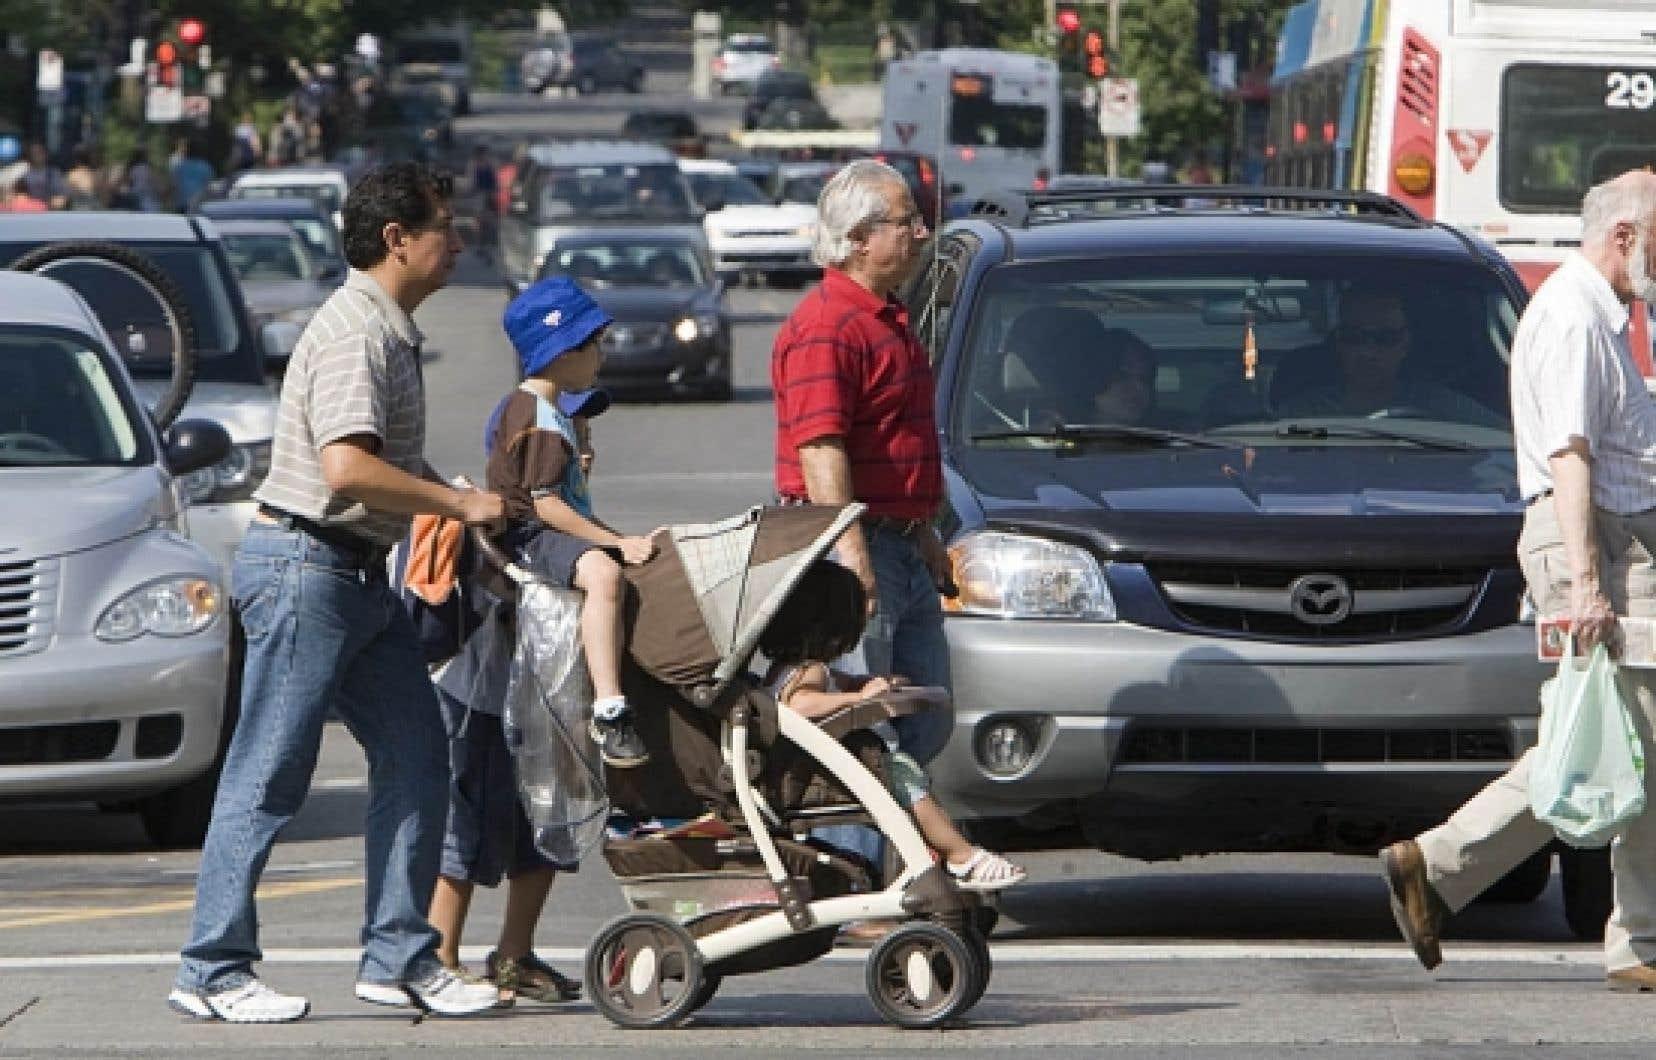 L'arrondissement de Côte-des-Neiges–Notre-Dame-de-Grâce a adopté un Plan de circulation pour l'ensemble de son territoire avec deux objectifs clairs: minimiser le trafic de transit dans les petites rues et maximiser la sécurité des piétons.<br />